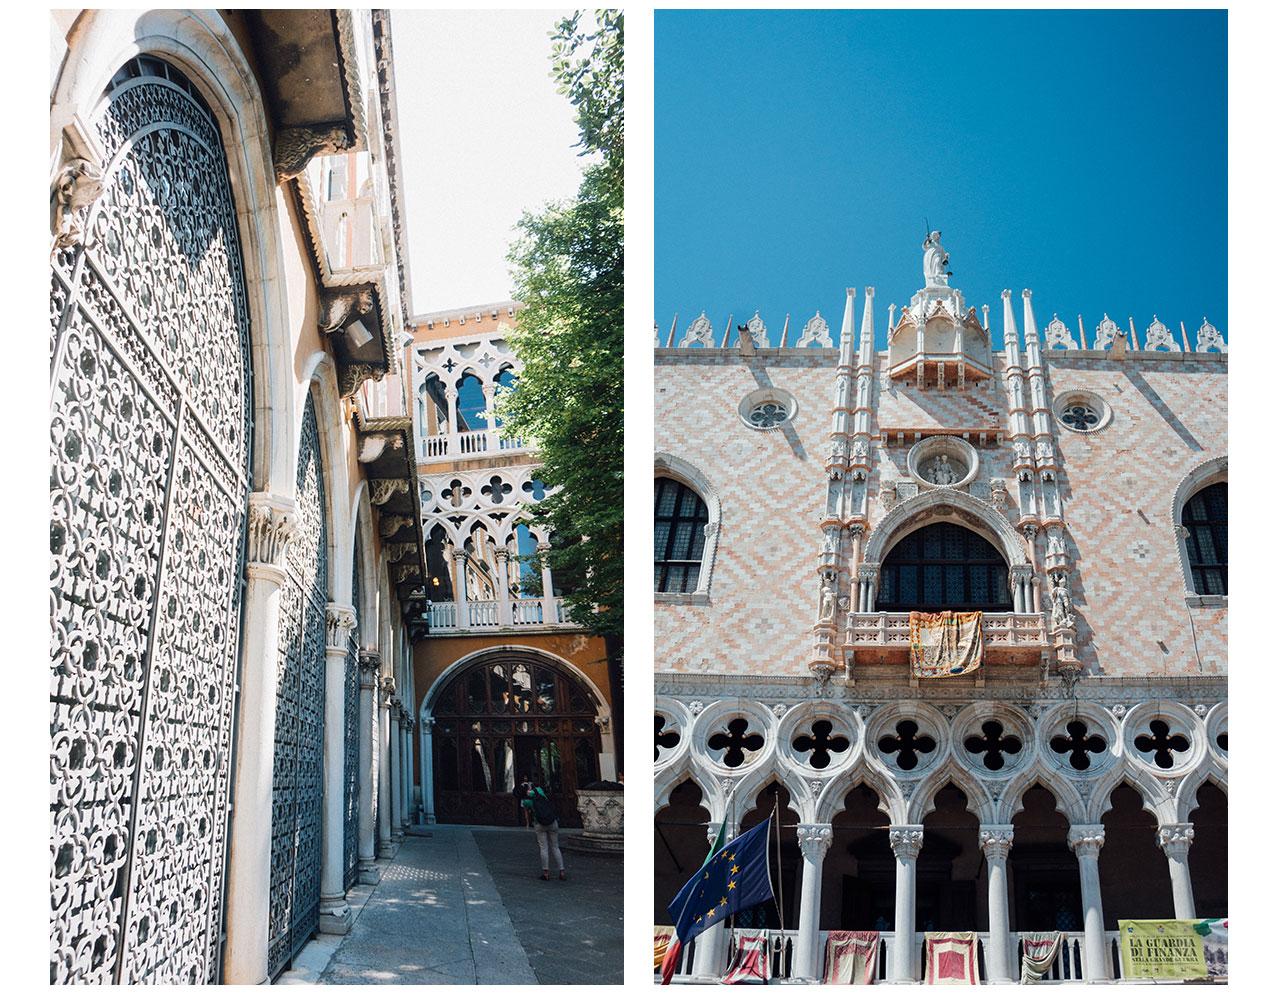 Venetian gothic style